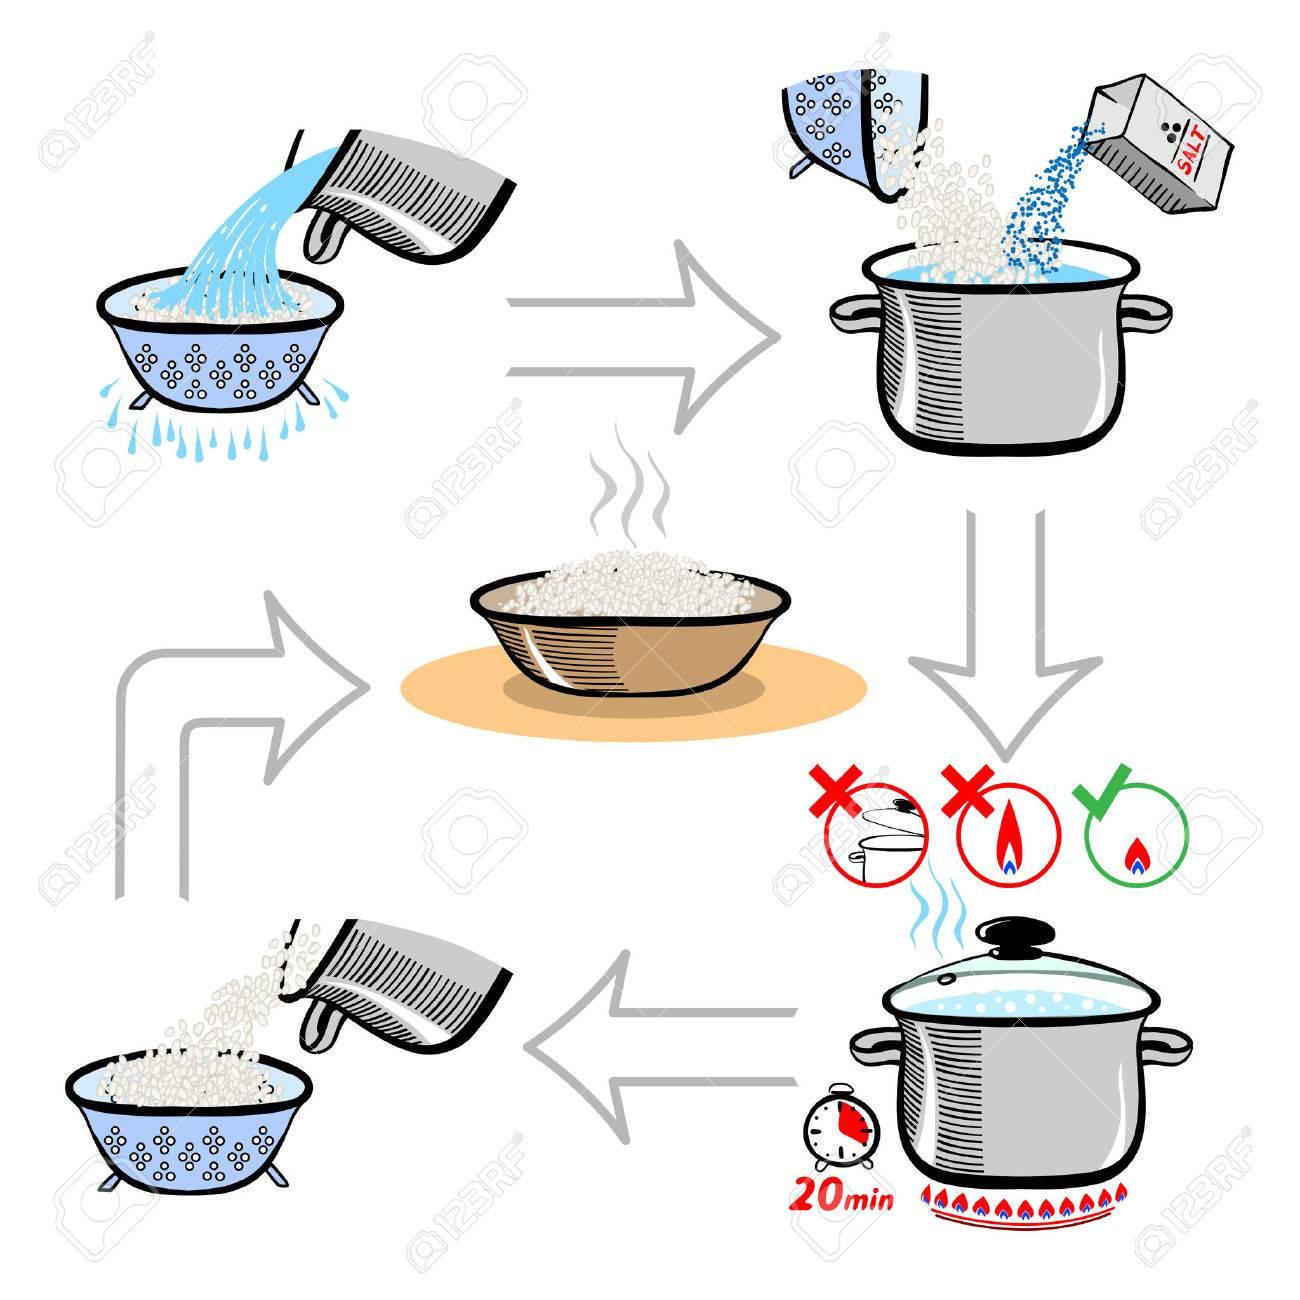 Recetas de cocina con paso a paso